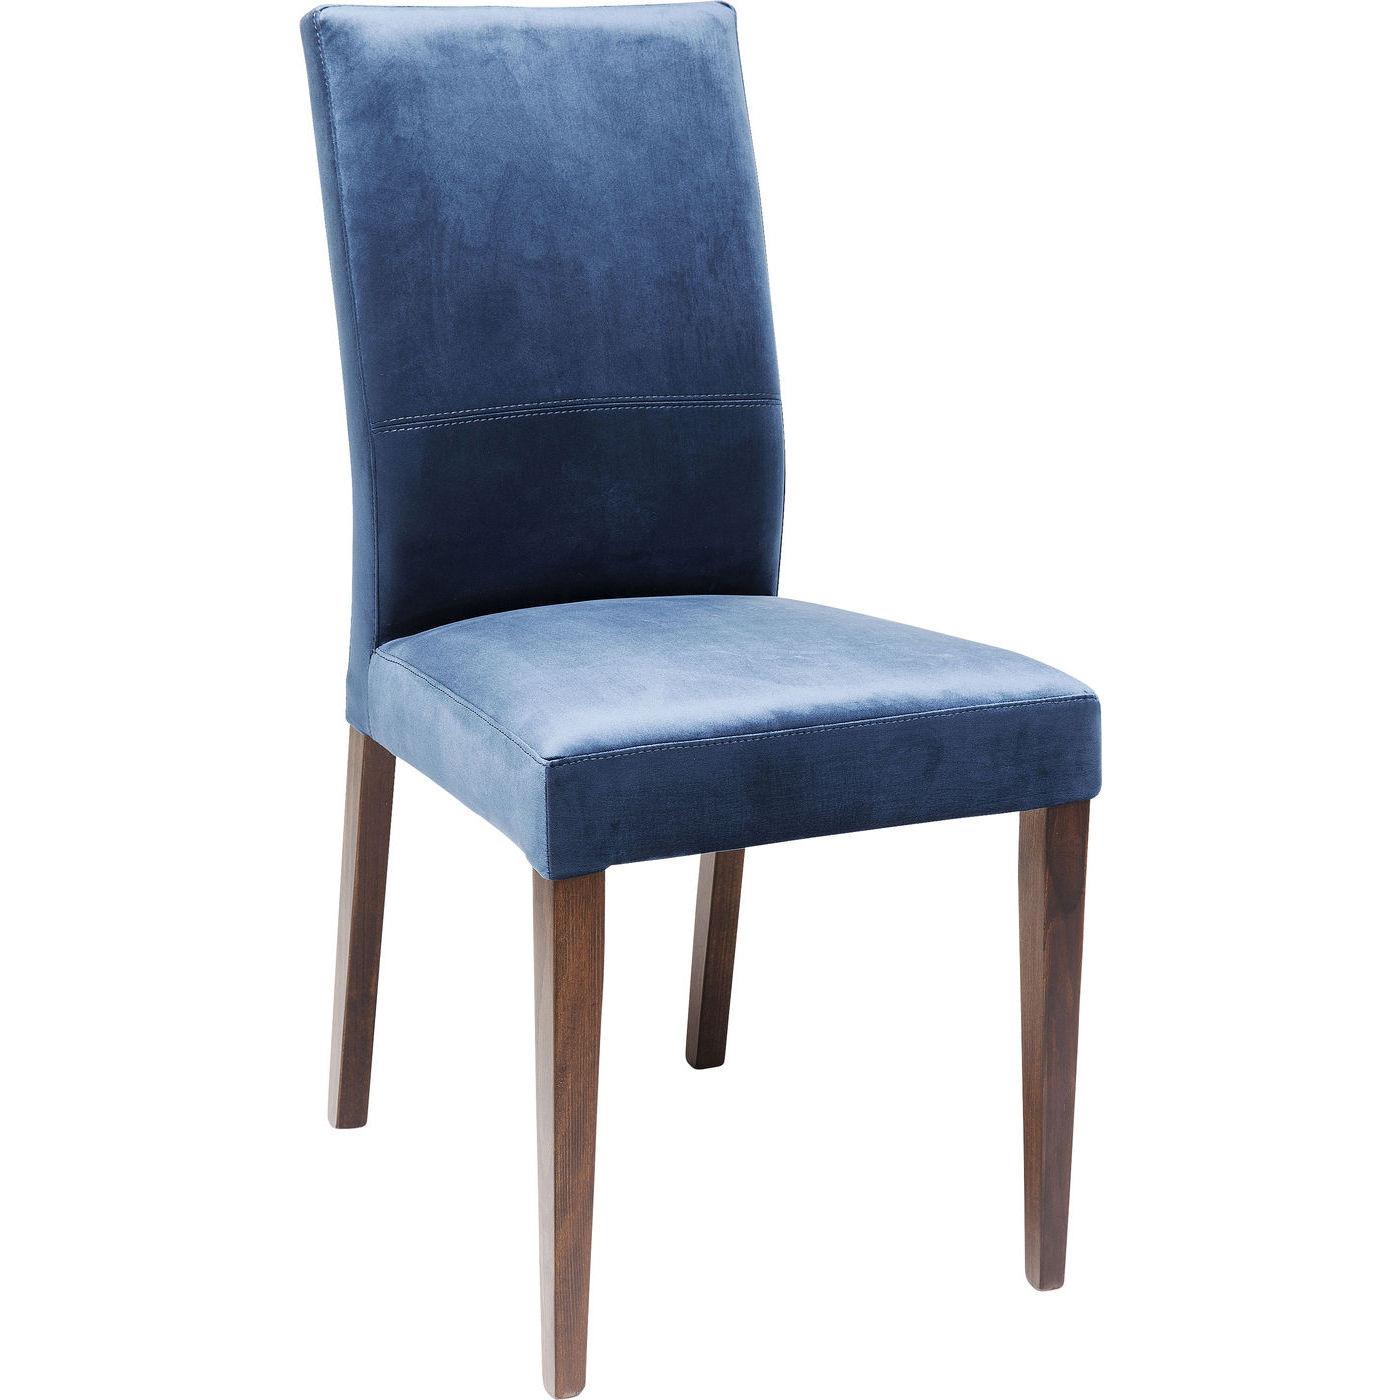 stuhl mara velvet royal schwarz kare design mutoni m bel. Black Bedroom Furniture Sets. Home Design Ideas